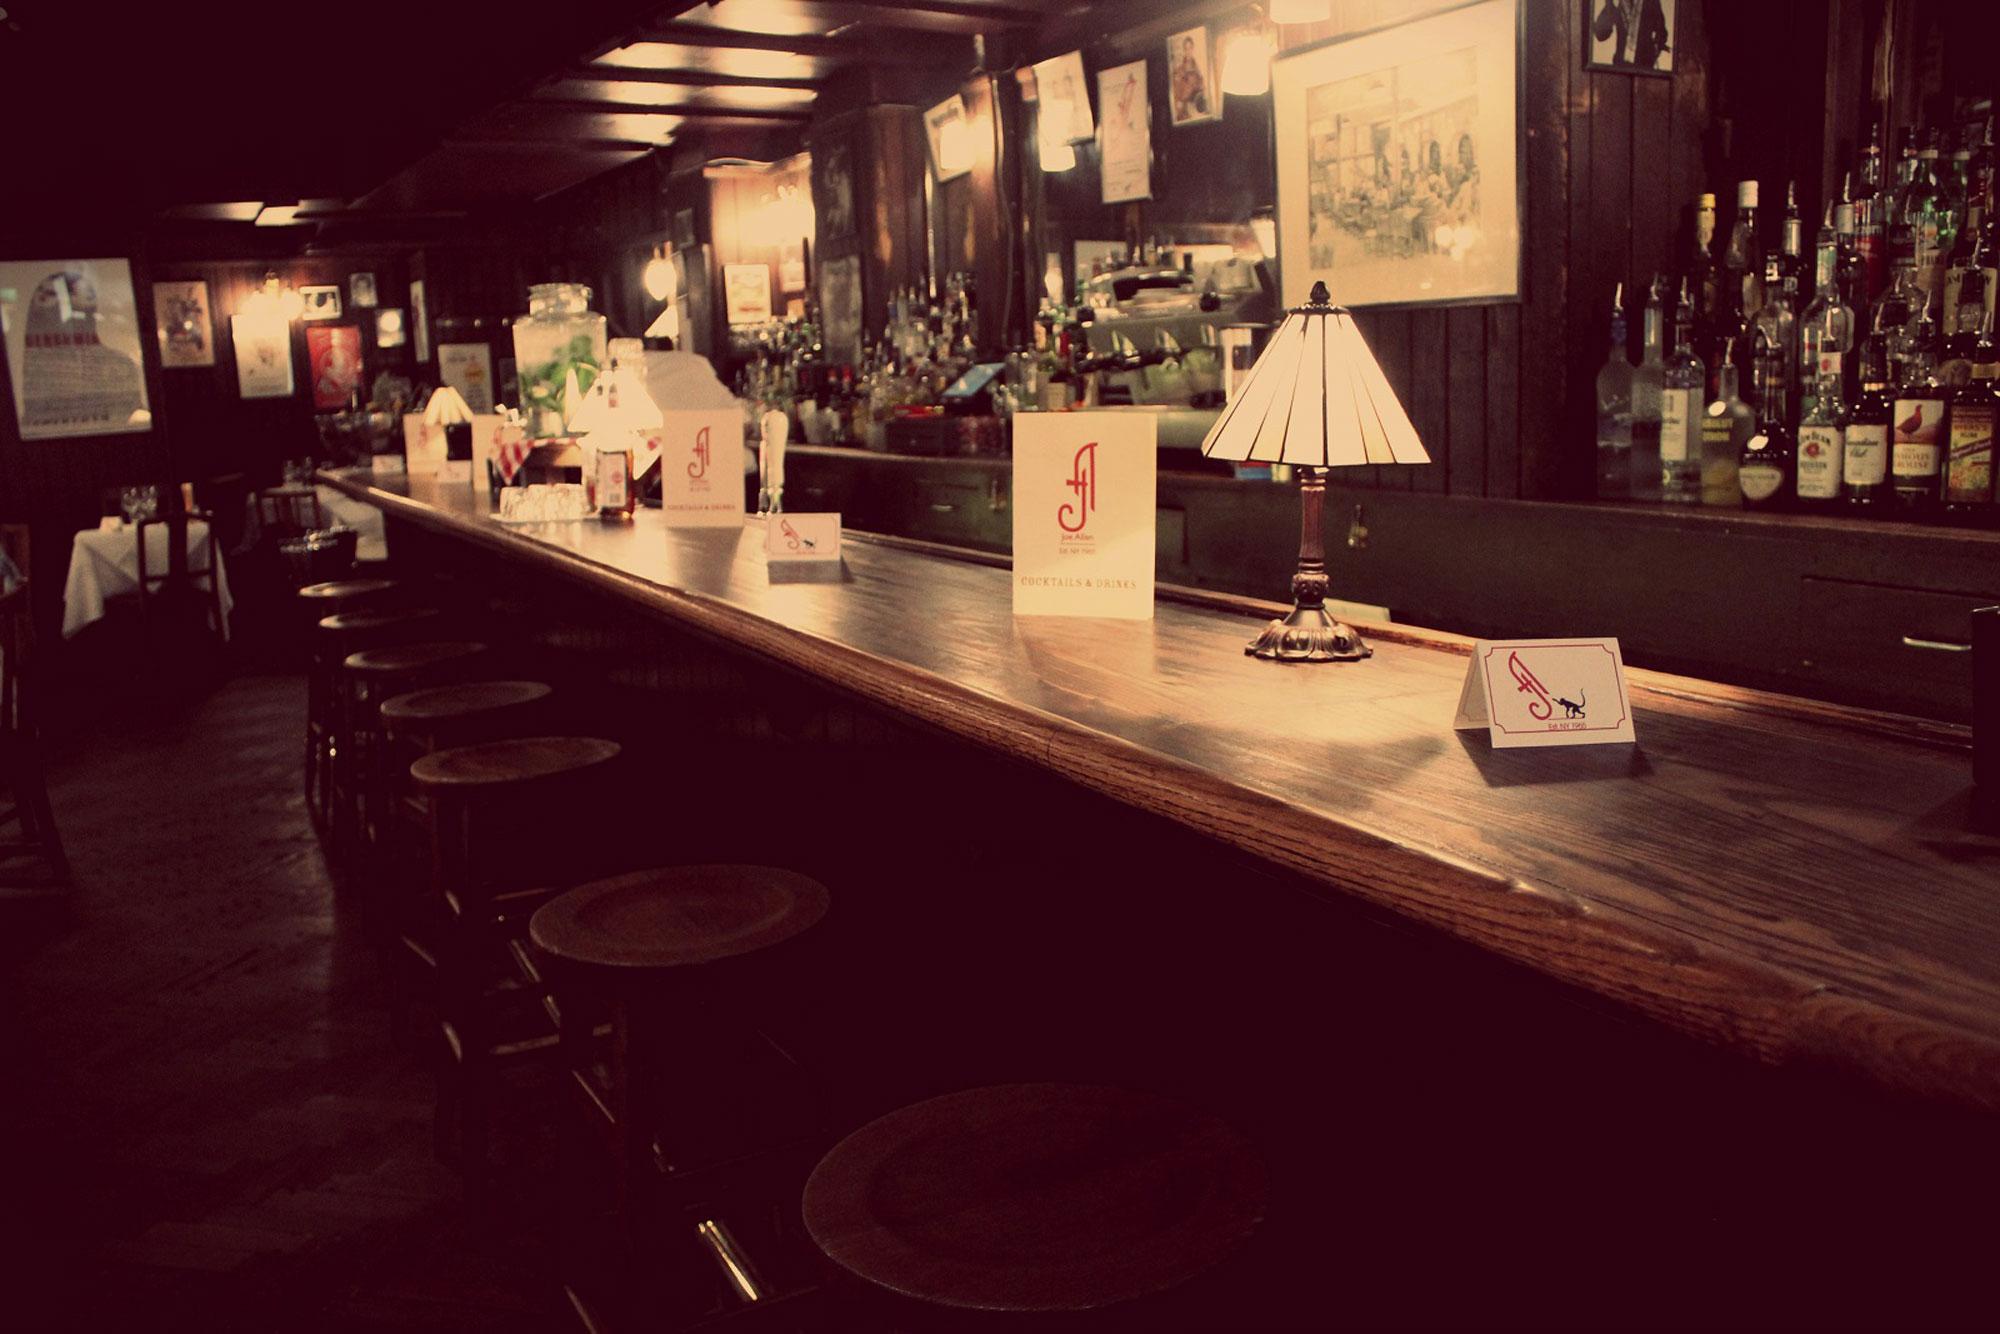 Joe-Allen-original-bar